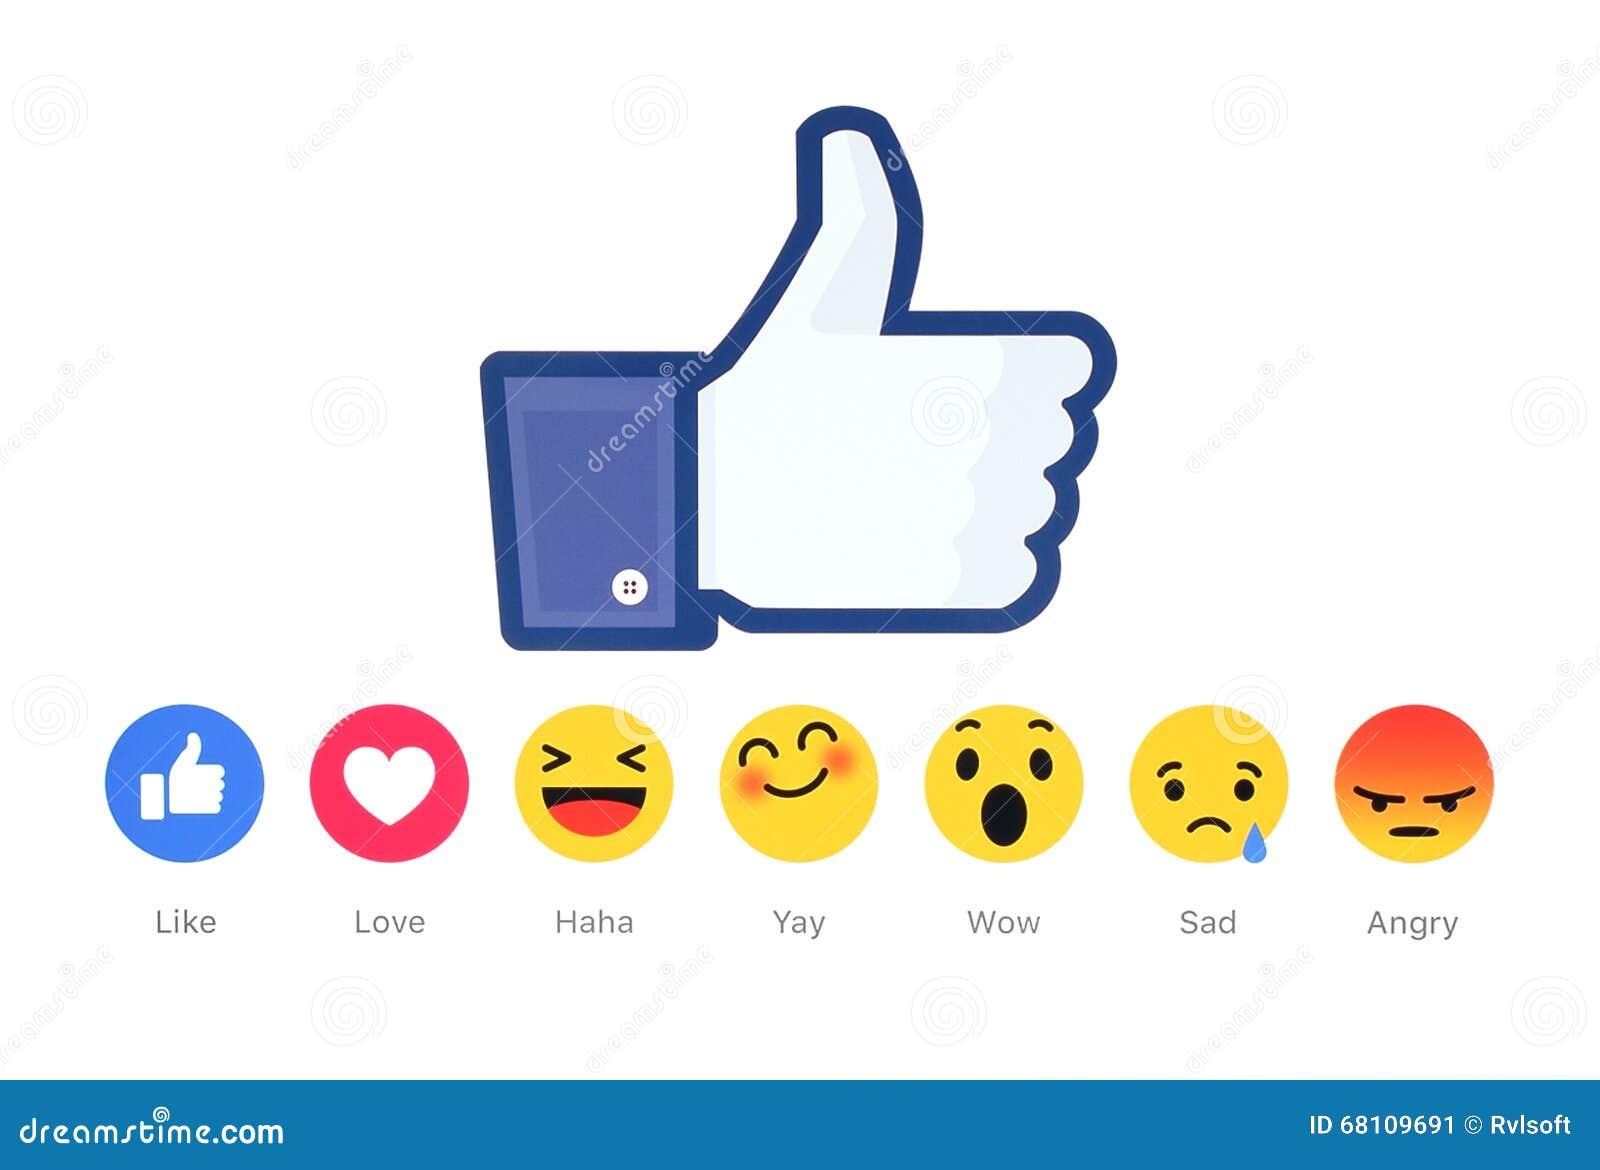 Nieuw Facebook zoals knoop 6 Begrijpende Emoji-Reacties